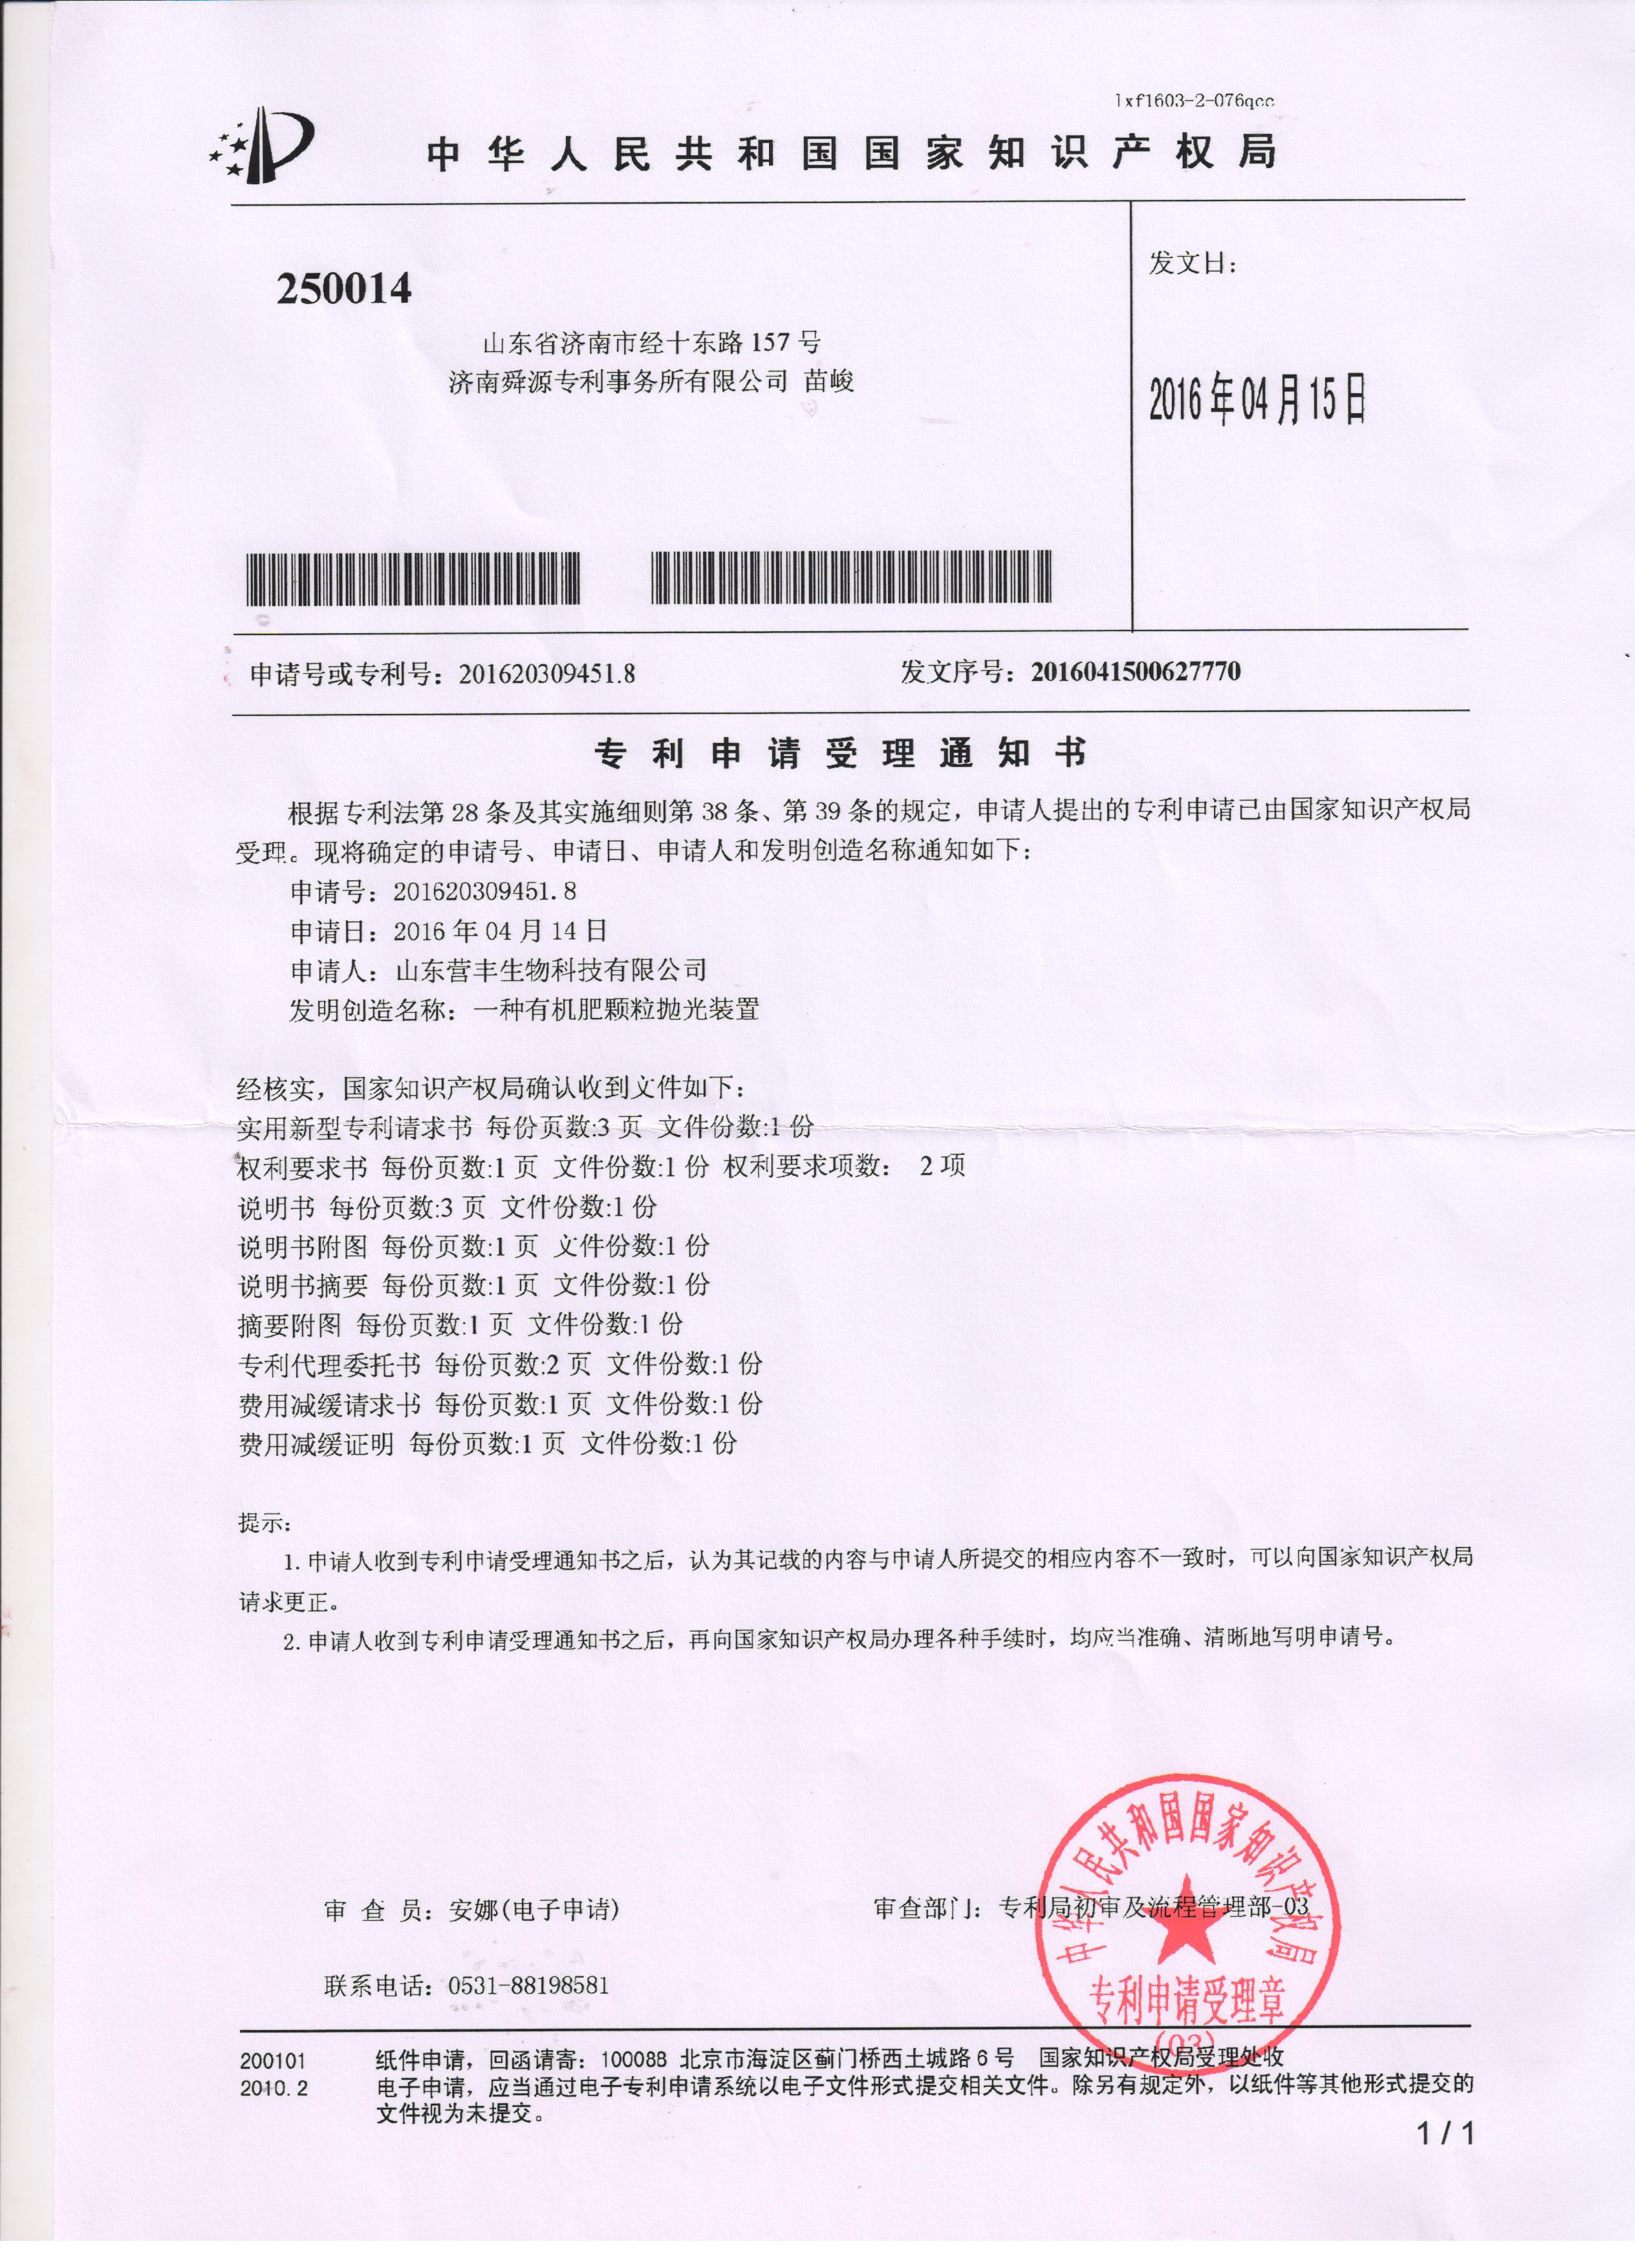 实用新型专利请求书_实用新型专利受理通知书 - 300083的电子相册 - 齐鲁股权交易中心 ...